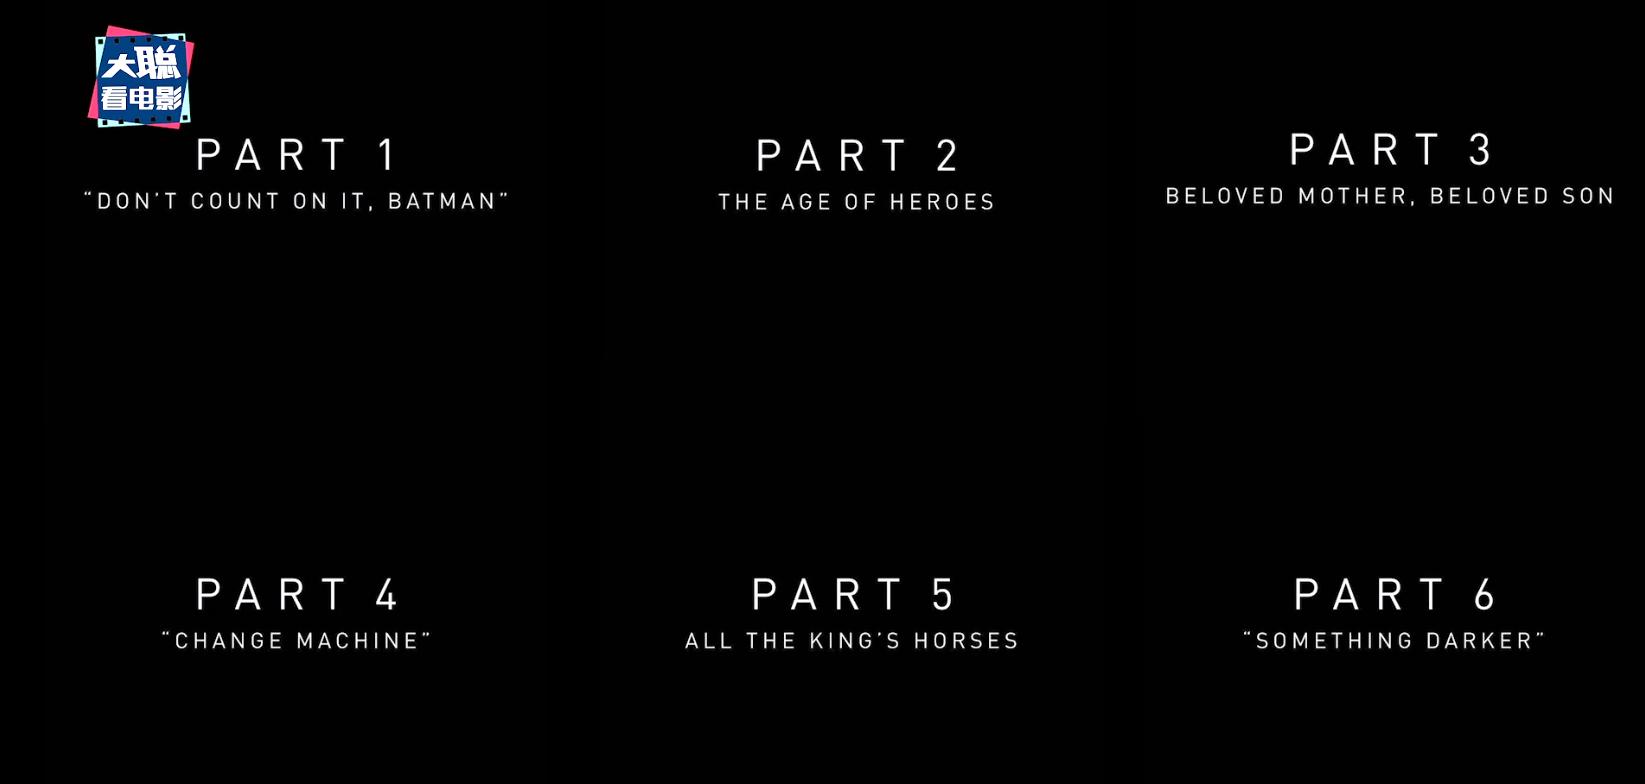 《正义联盟》4小时导剪版始末万字解析!看懂影史最狂影迷运动